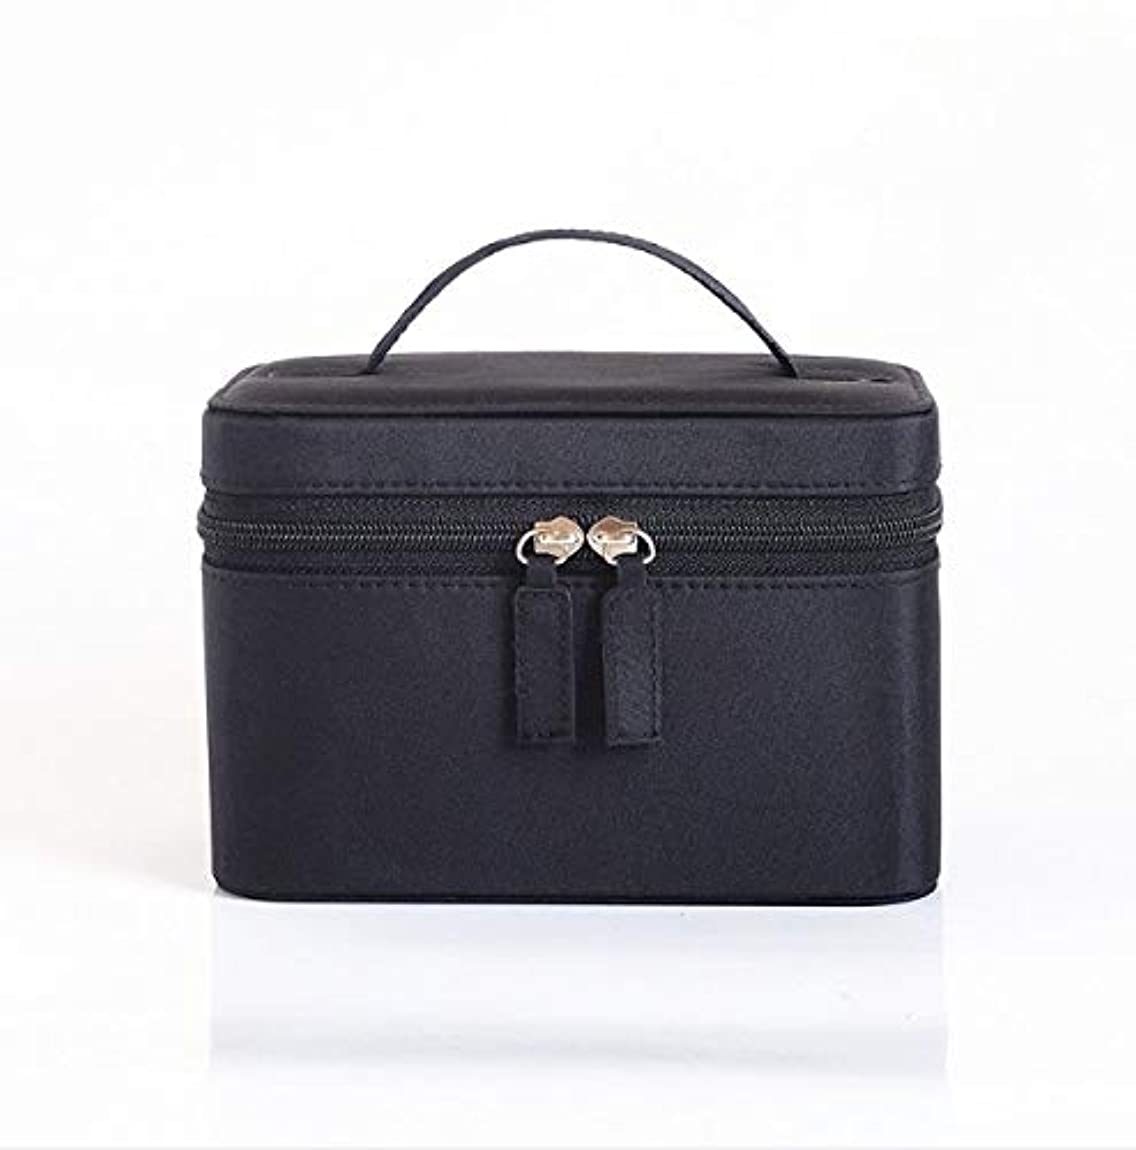 平らな買い手パンサー化粧品ケース、大容量防水三次元ポータブル旅行化粧品袋収納袋、美容ネイルジュエリー収納ボックス